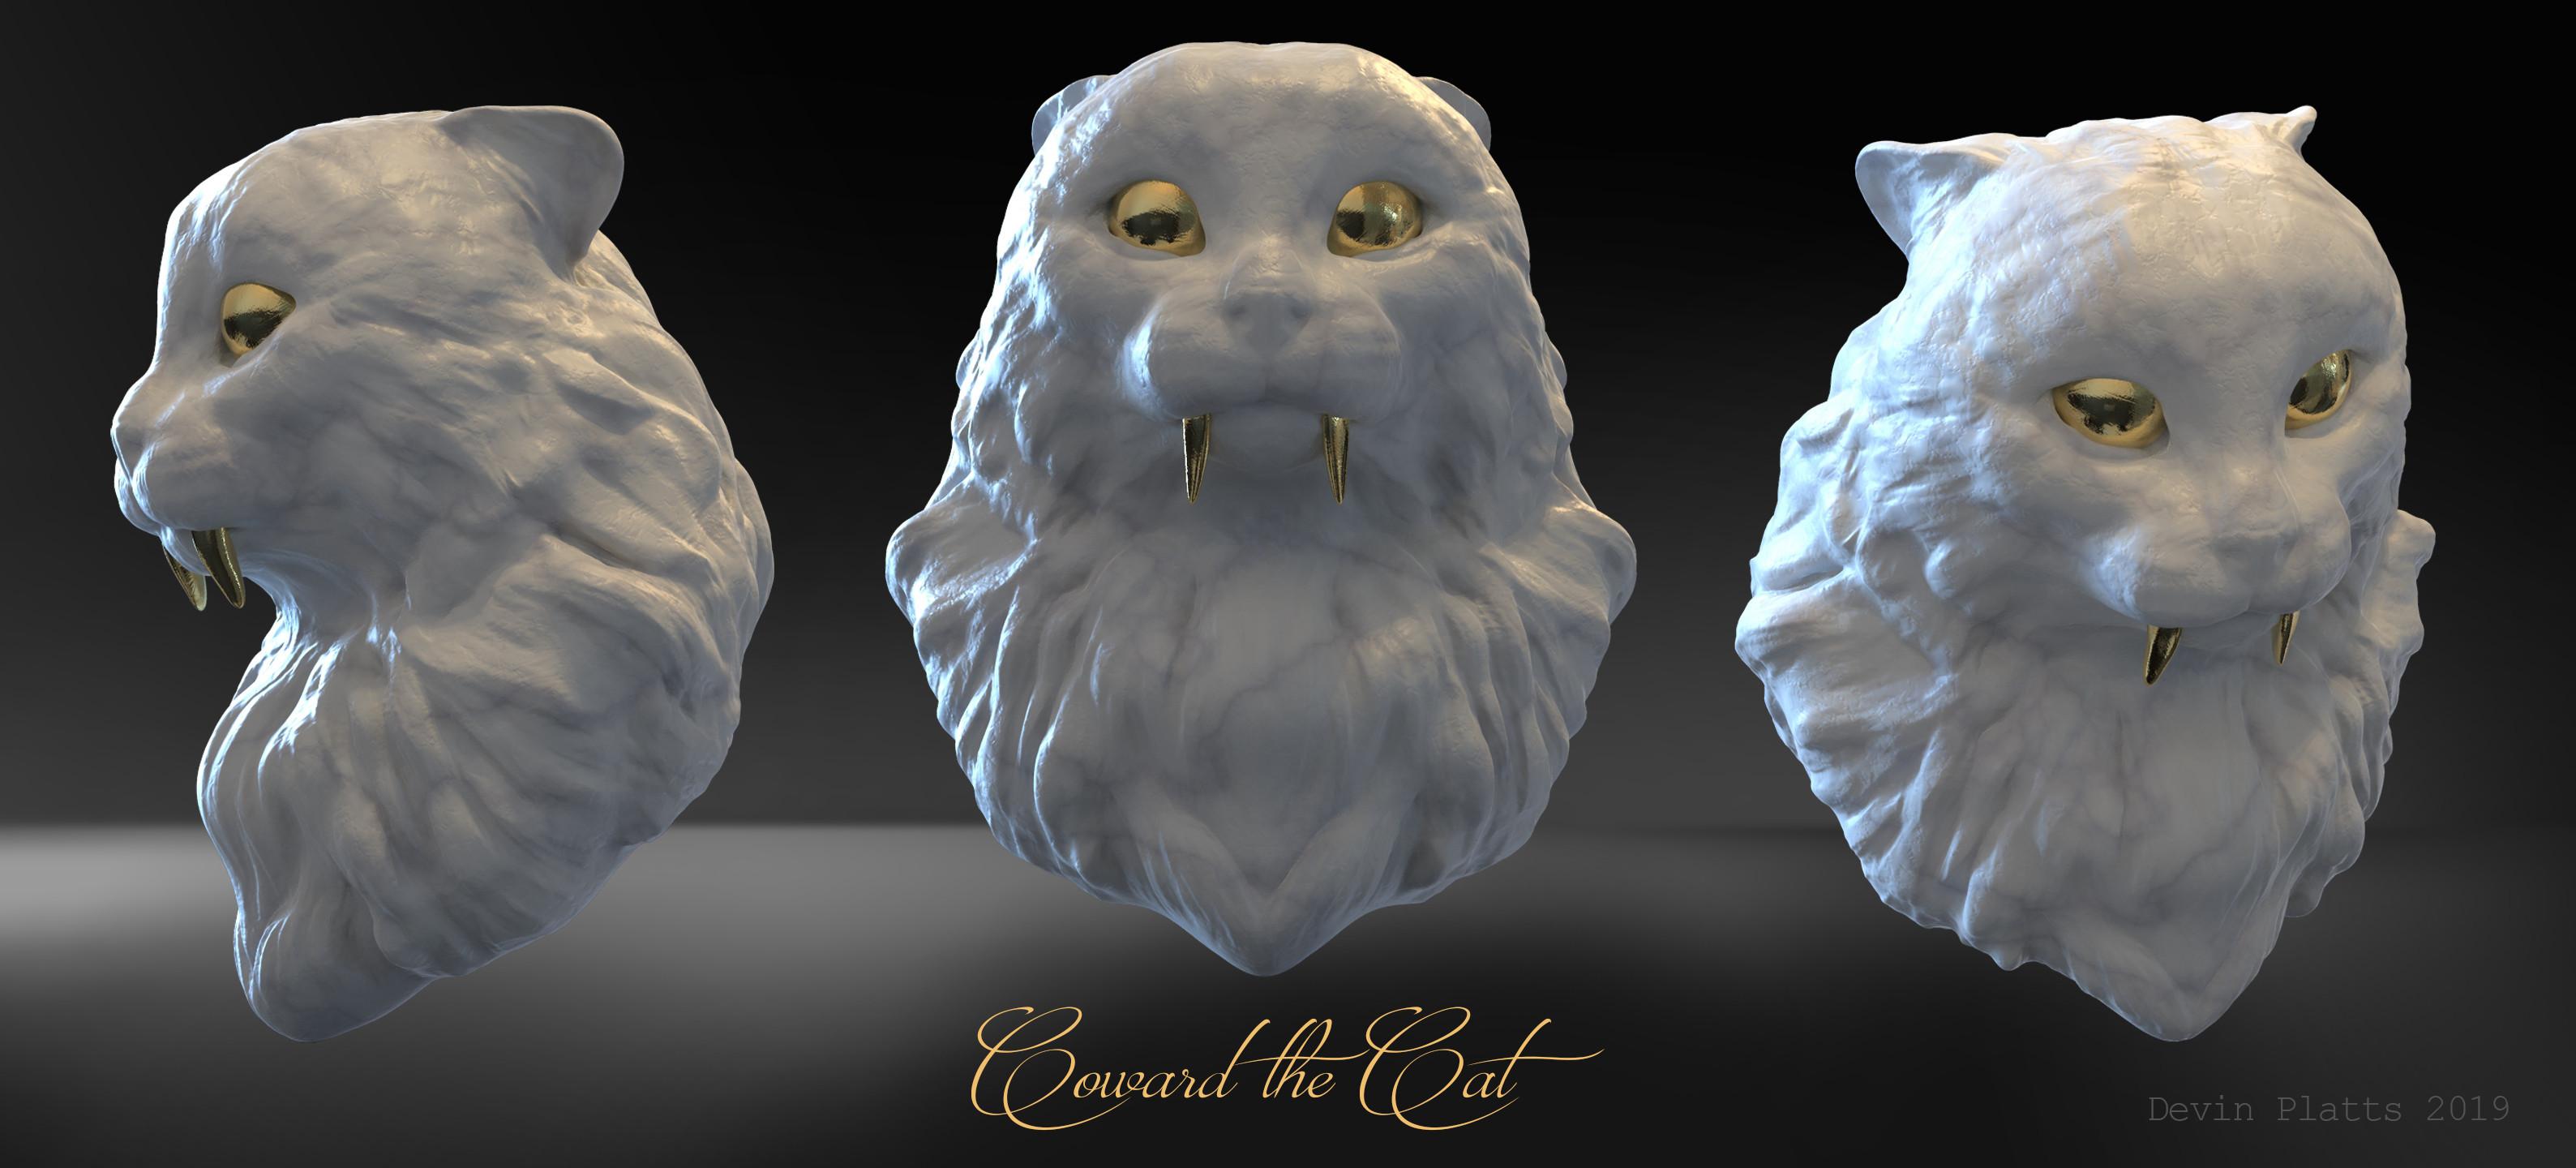 Coward, Blaznak's companion pet.